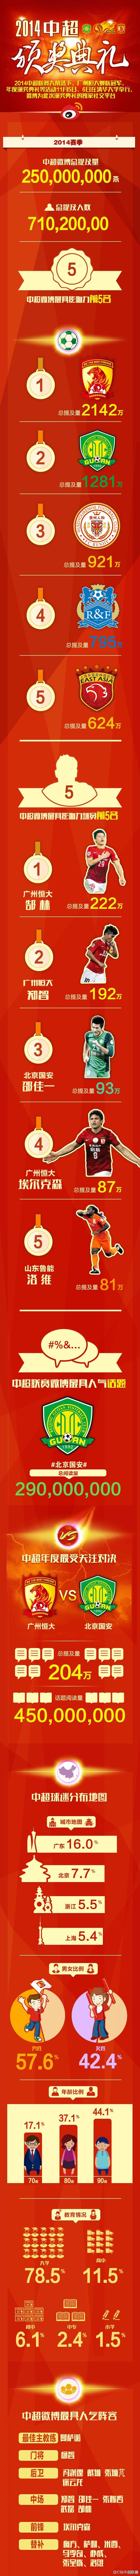 中超首次发布微博影响力榜